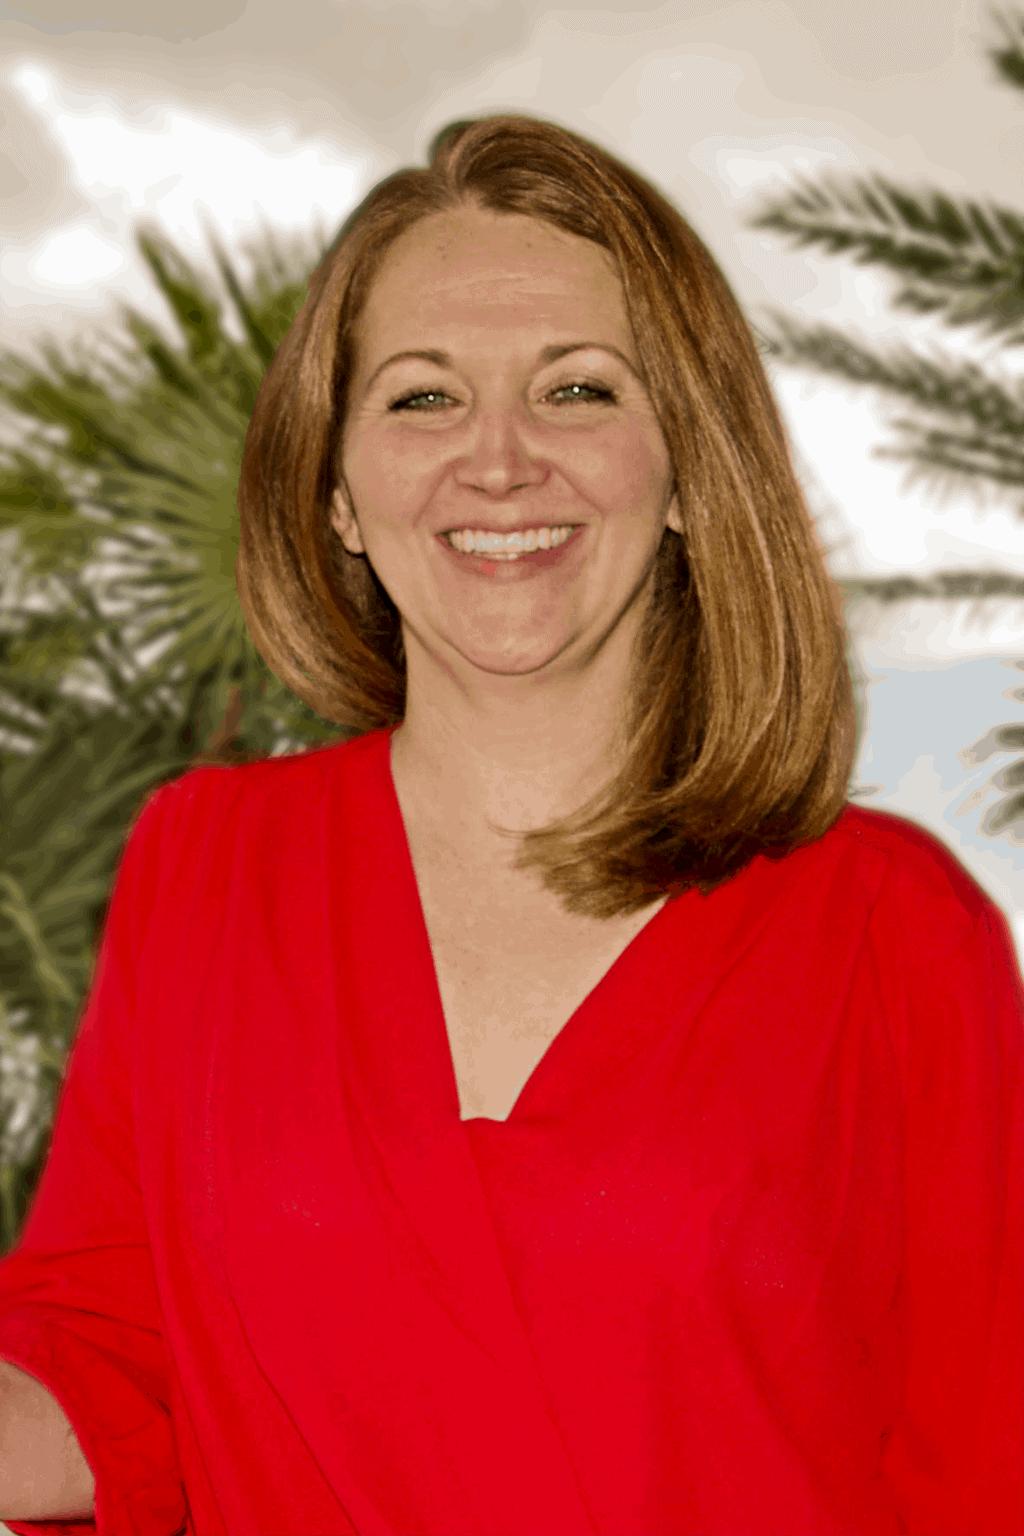 Sarah Jared